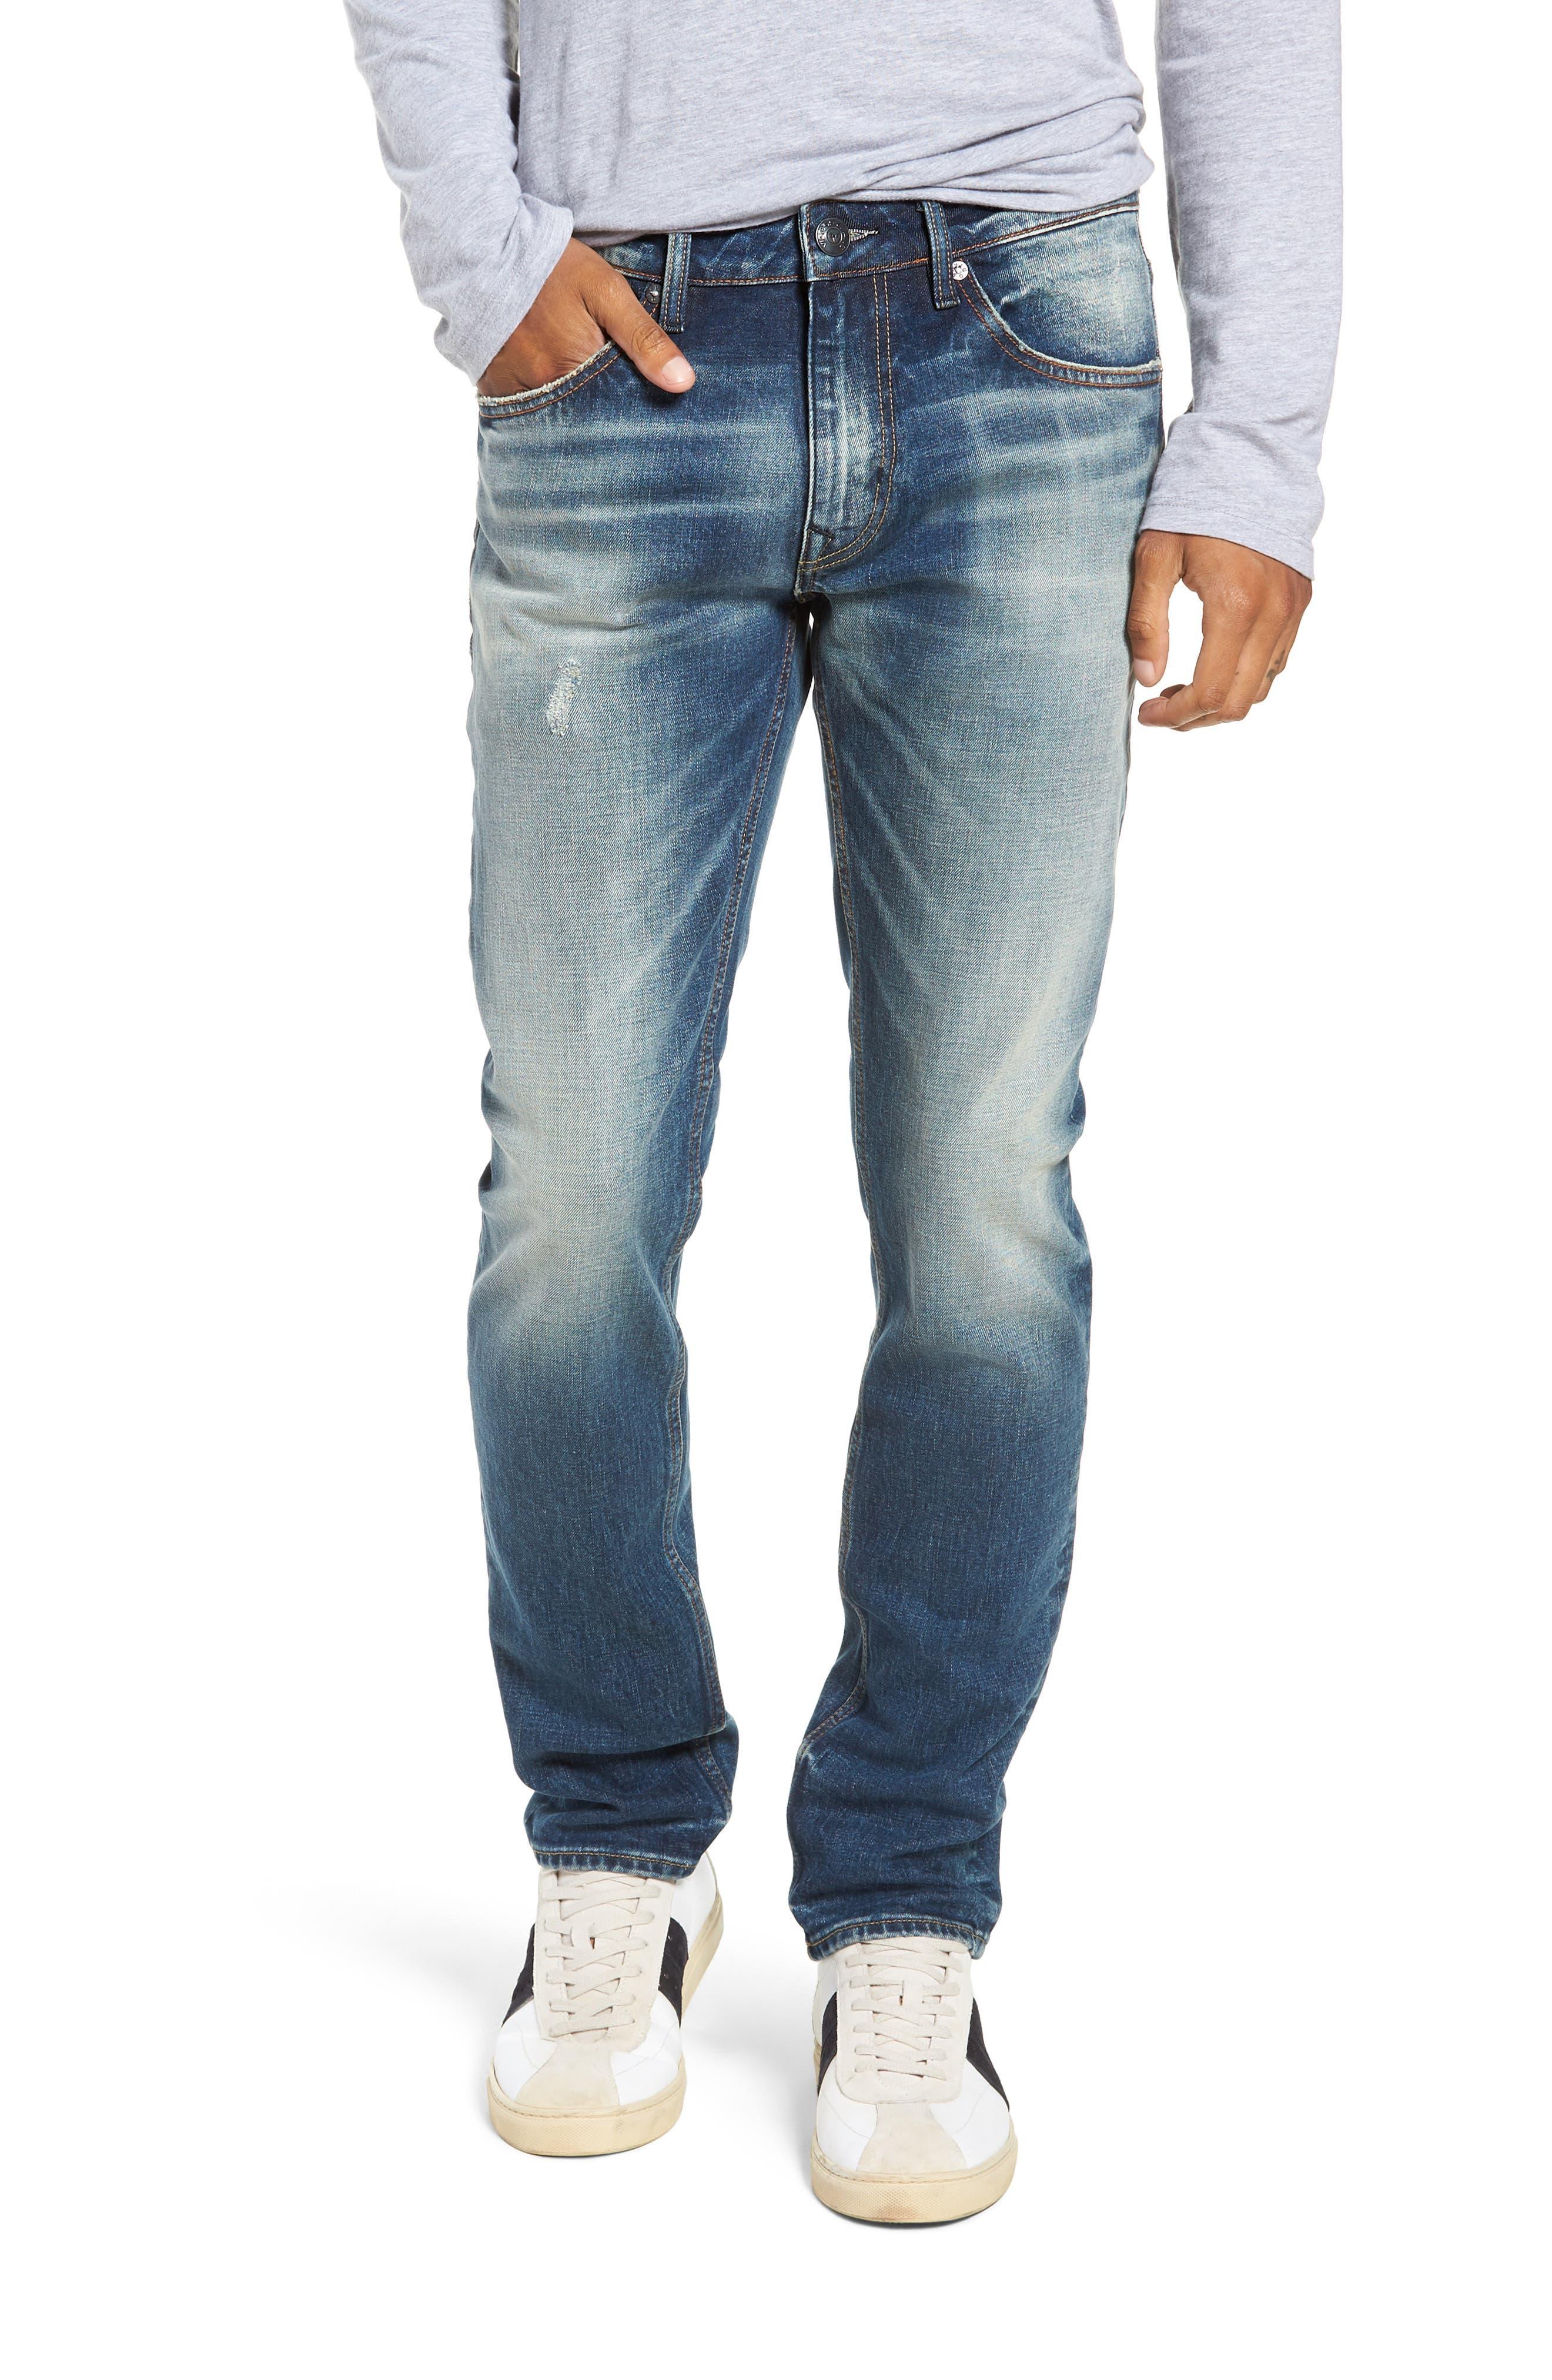 Mick Slim Fit Jeans,                             Main thumbnail 1, color,                             VINTAGE WASH